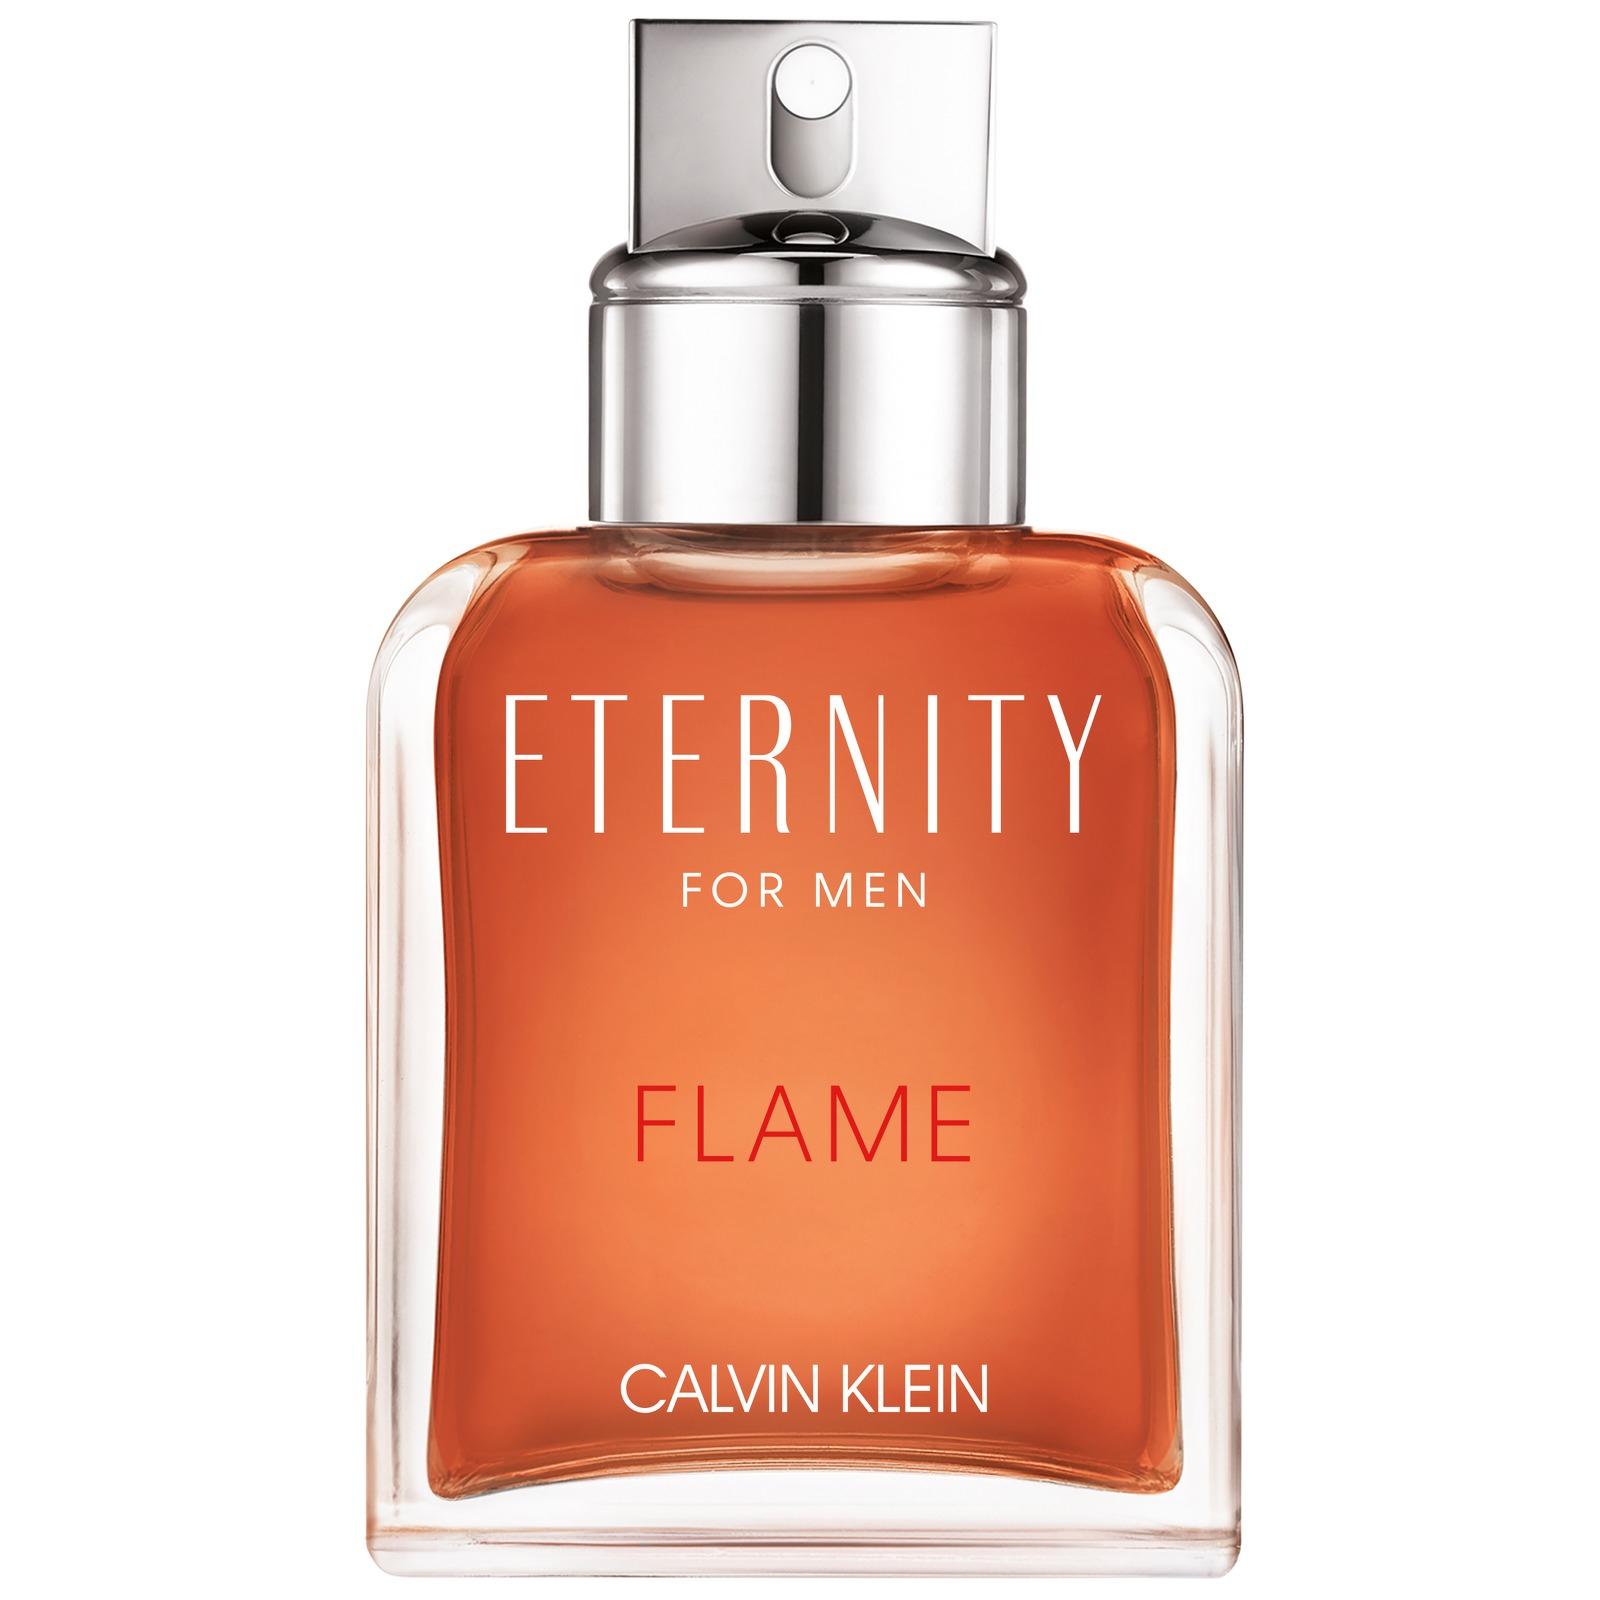 Calvin Klein Eternity Flame For Men EDT 100ml £22.95 @ All Beauty